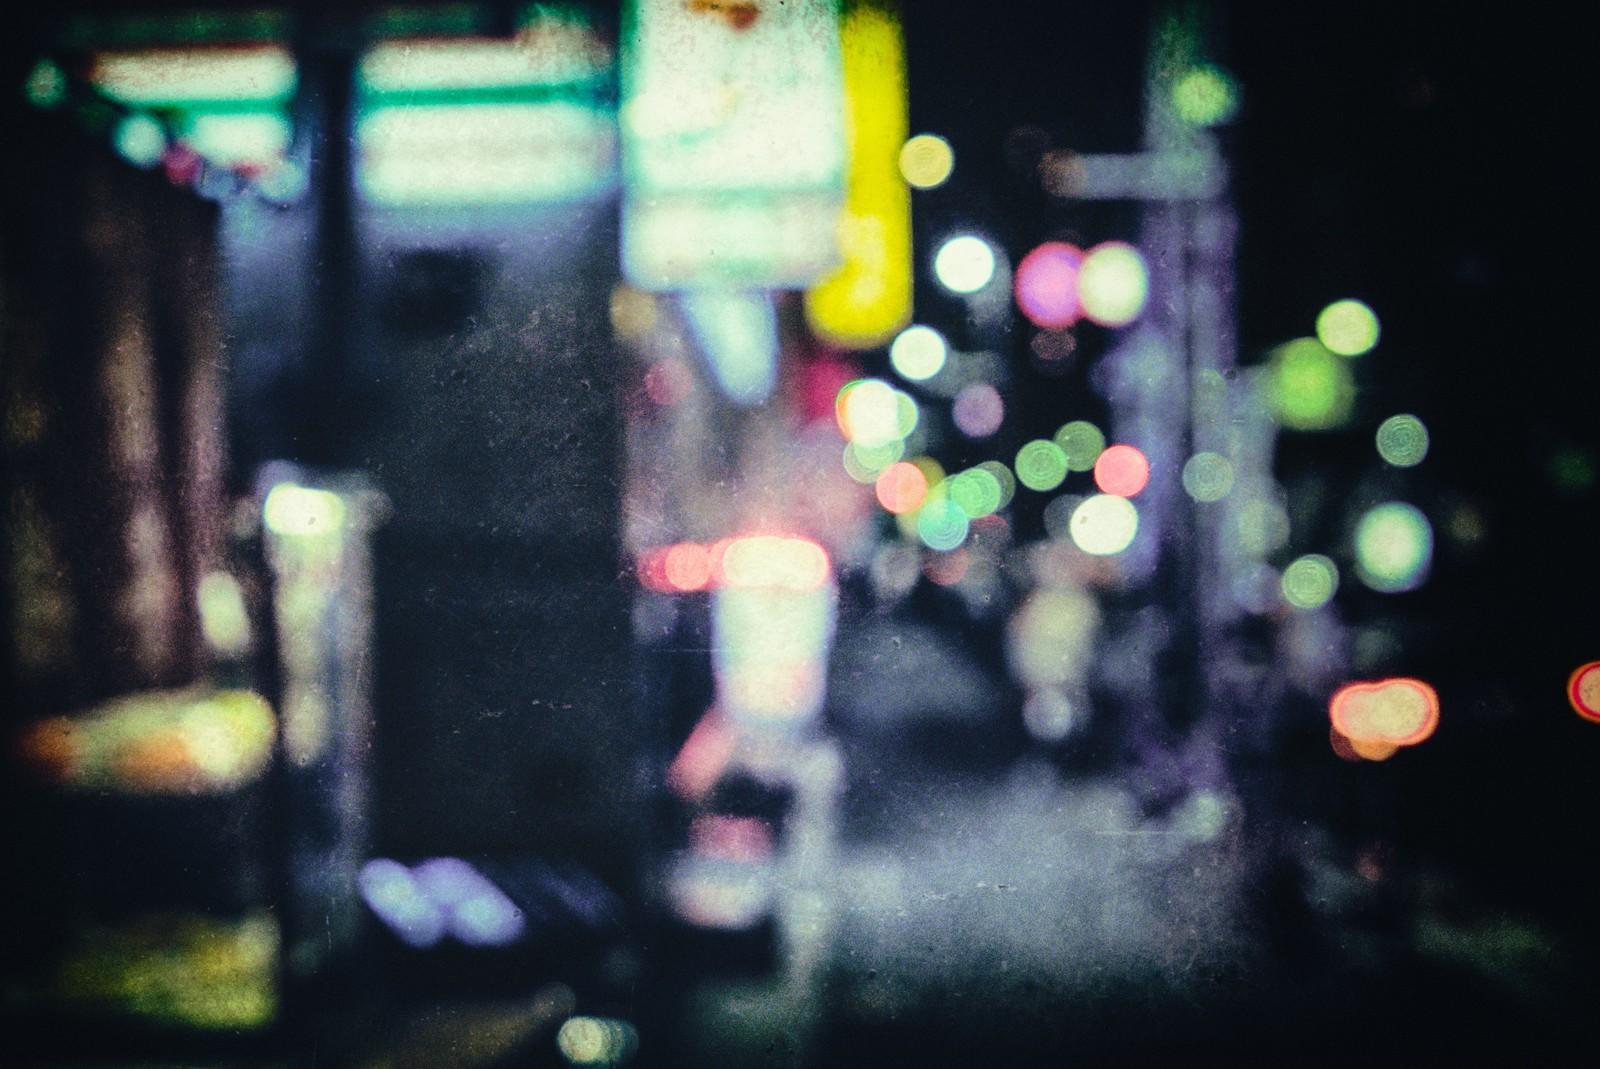 照明が怪しく光る夜の街